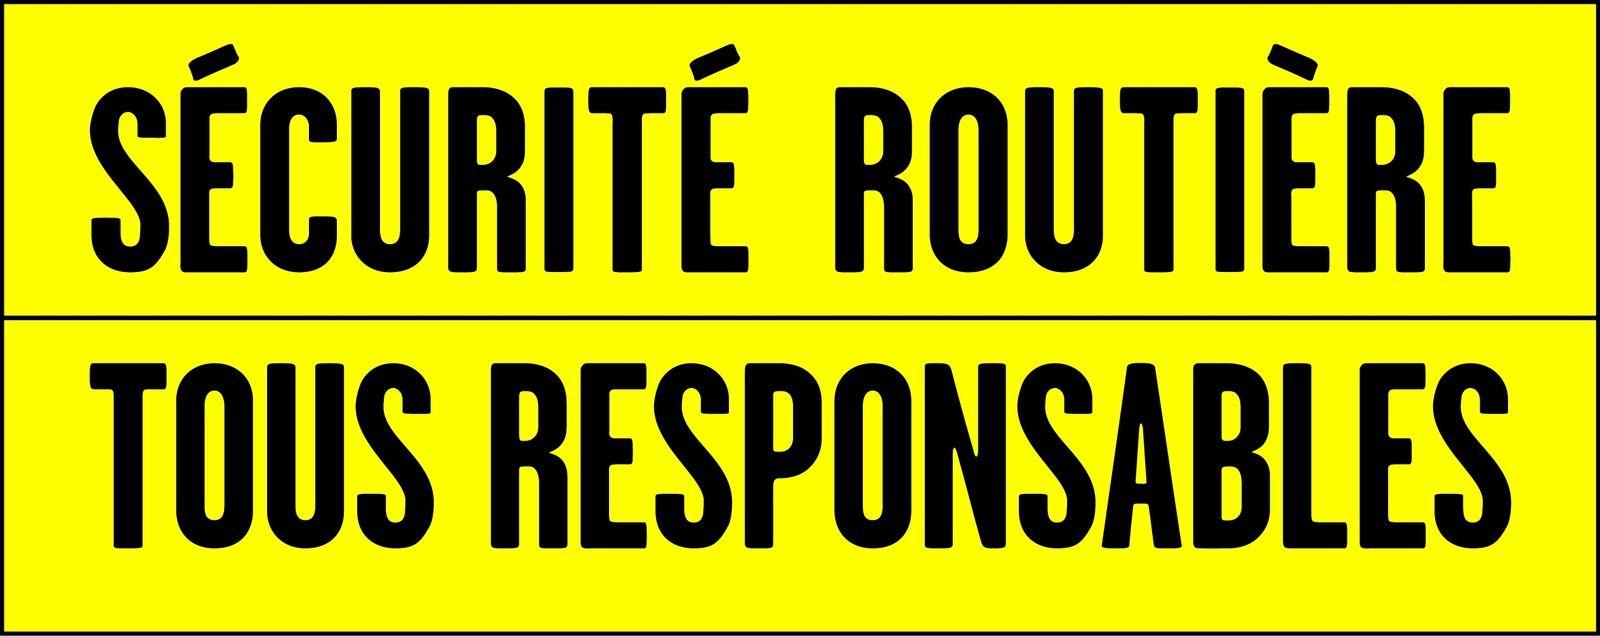 #Securiteroutiere - Bilan définitif de l'accidentalité routière 2017